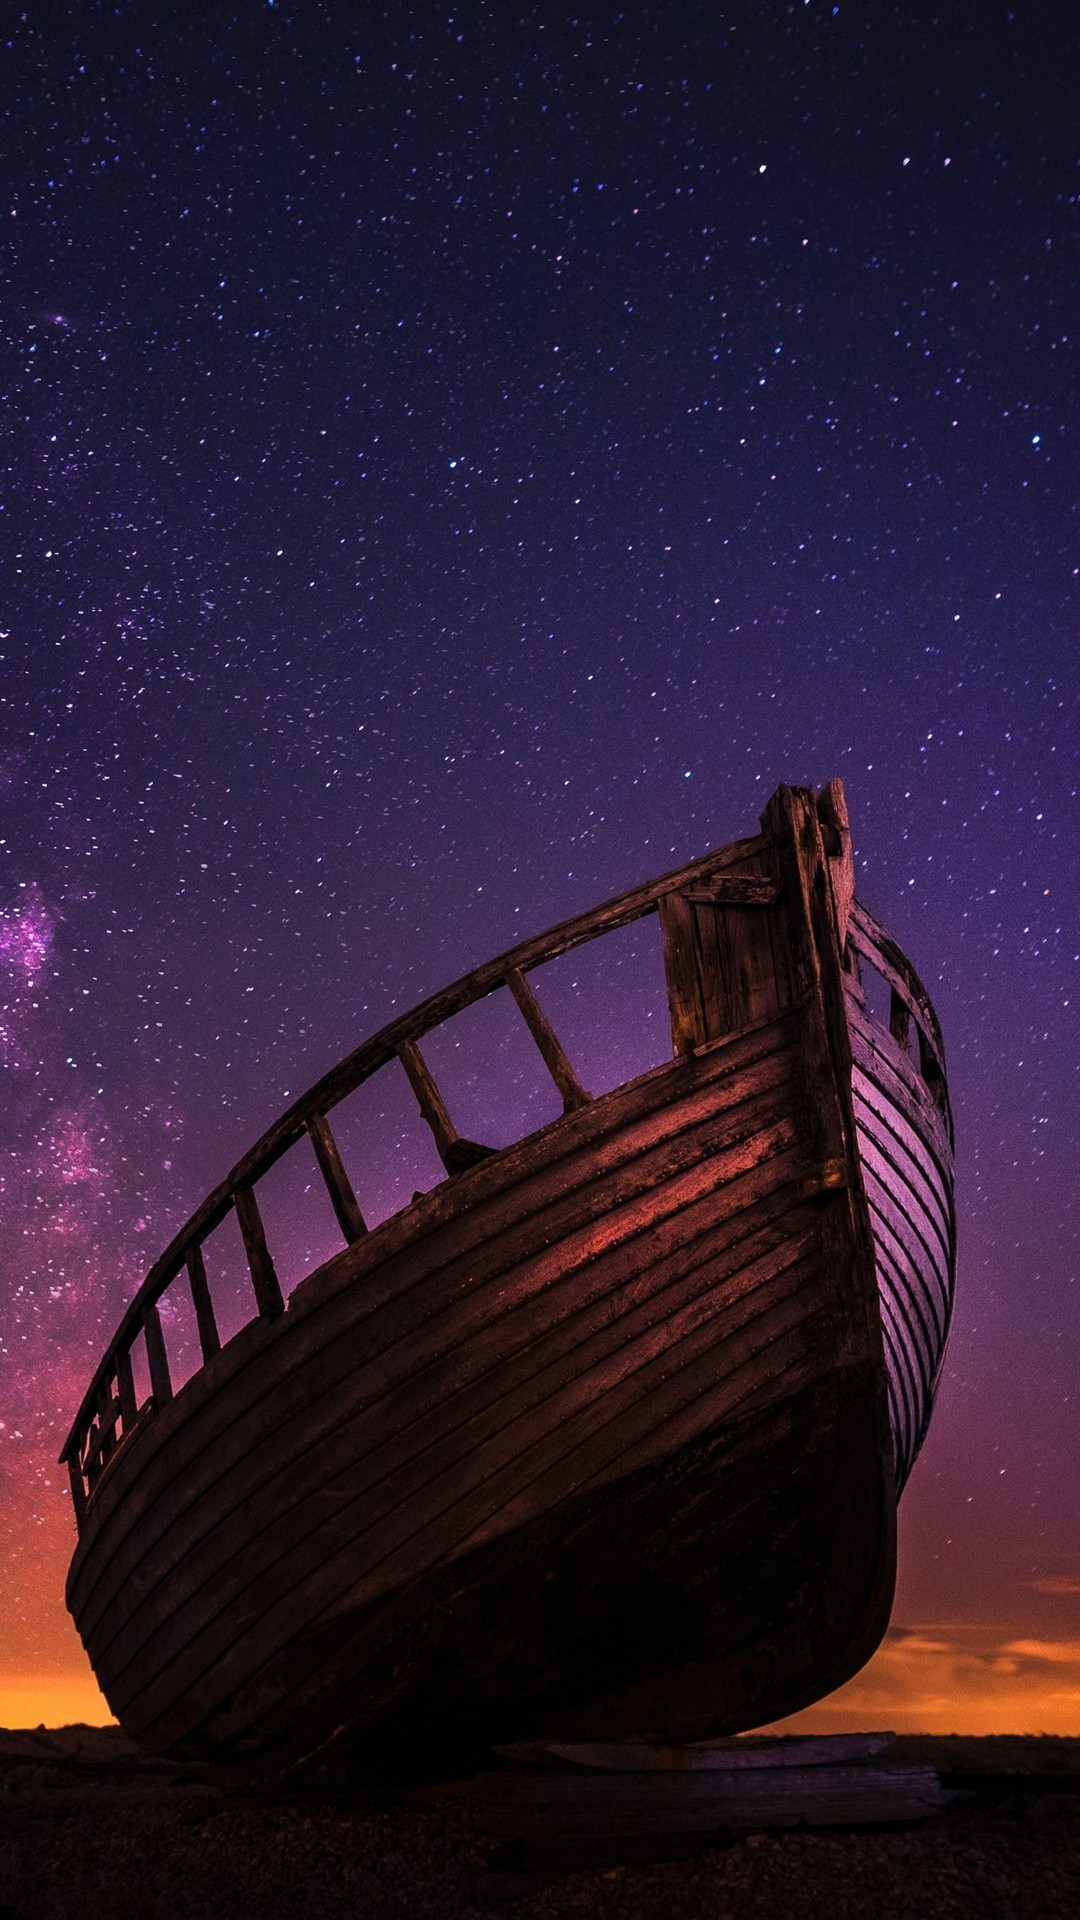 好看夜景唯美璀璨星空图片壁纸